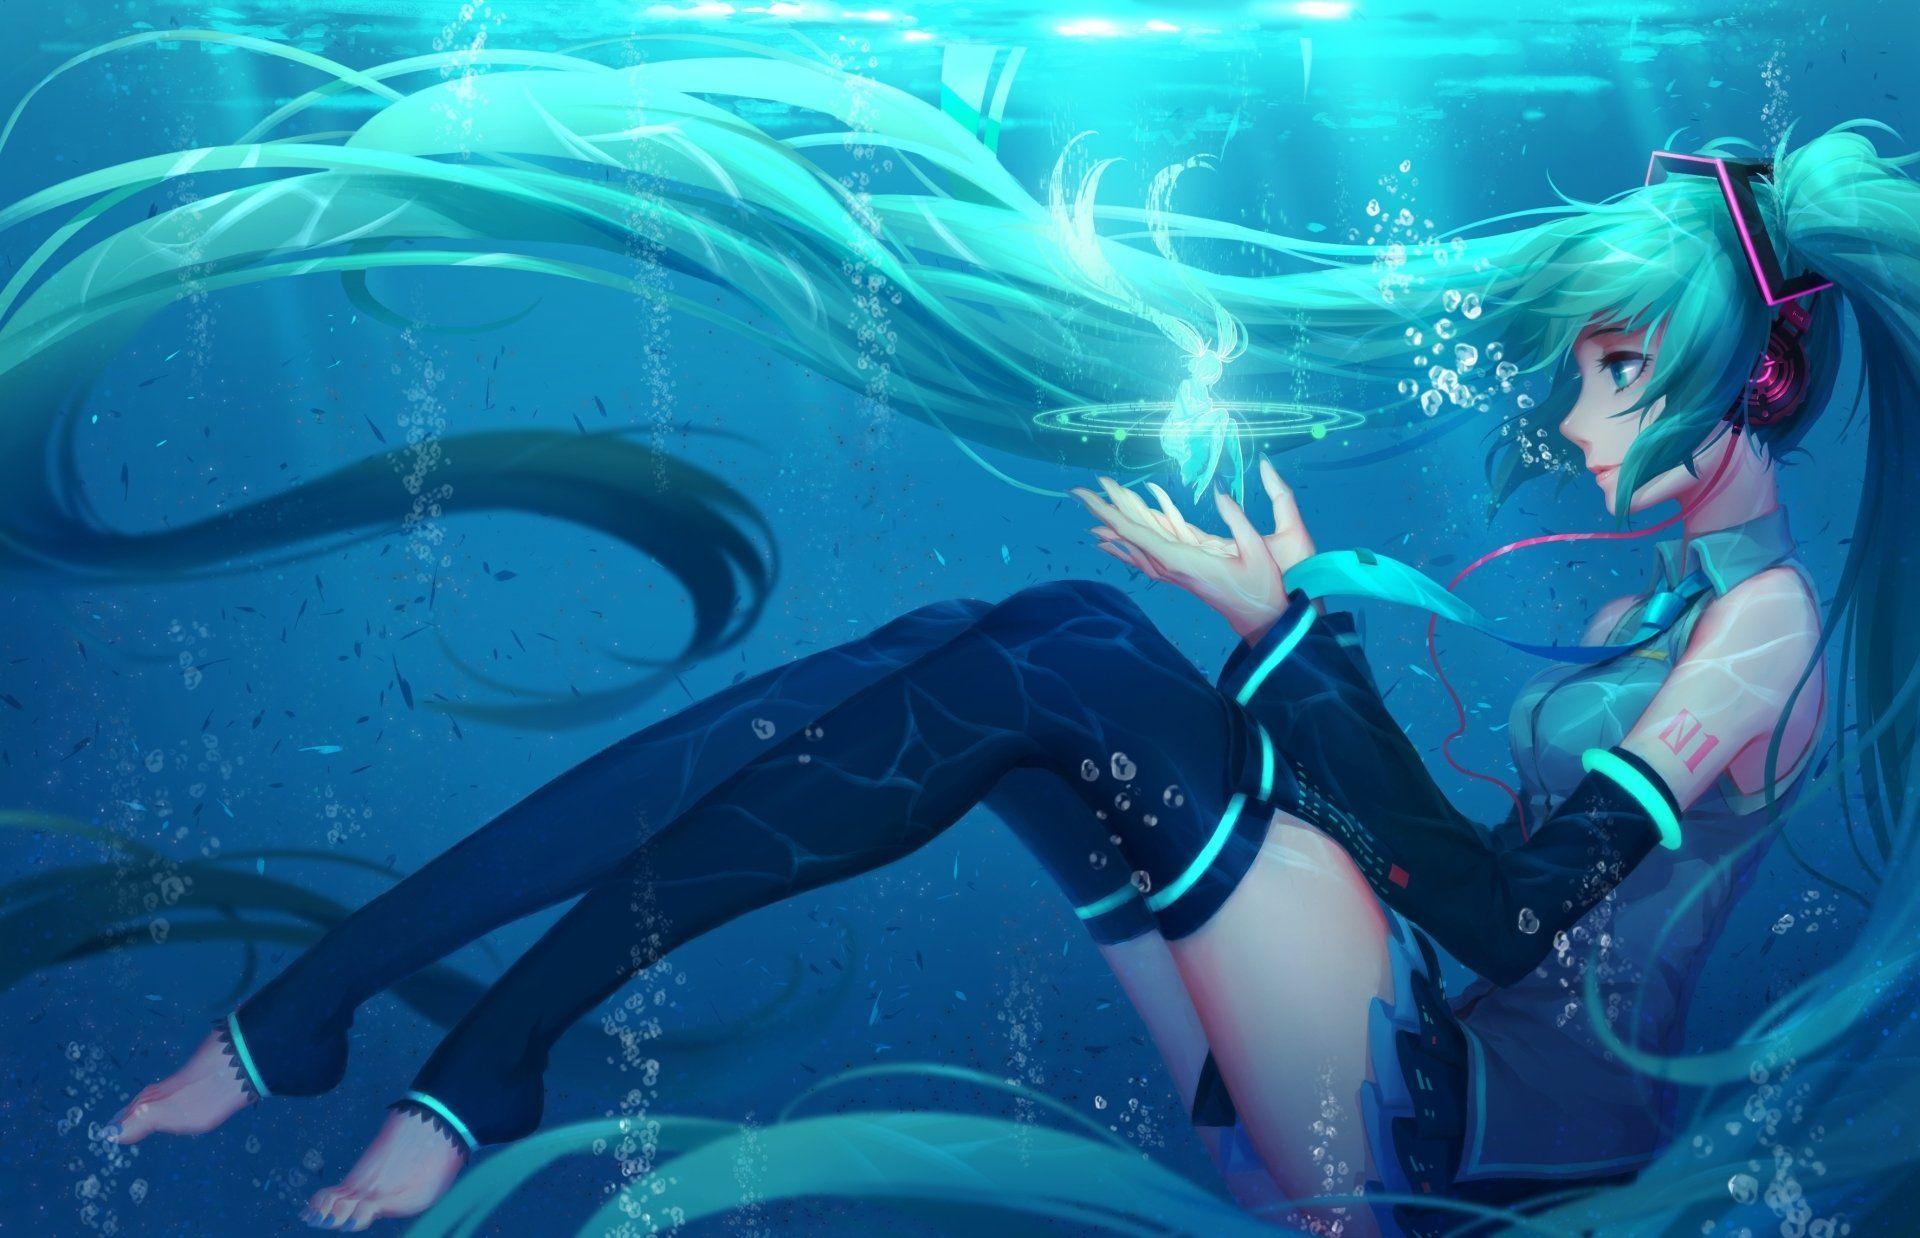 Anime Vocaloid Hatsune Miku Long Hair Twintails Aqua Hair